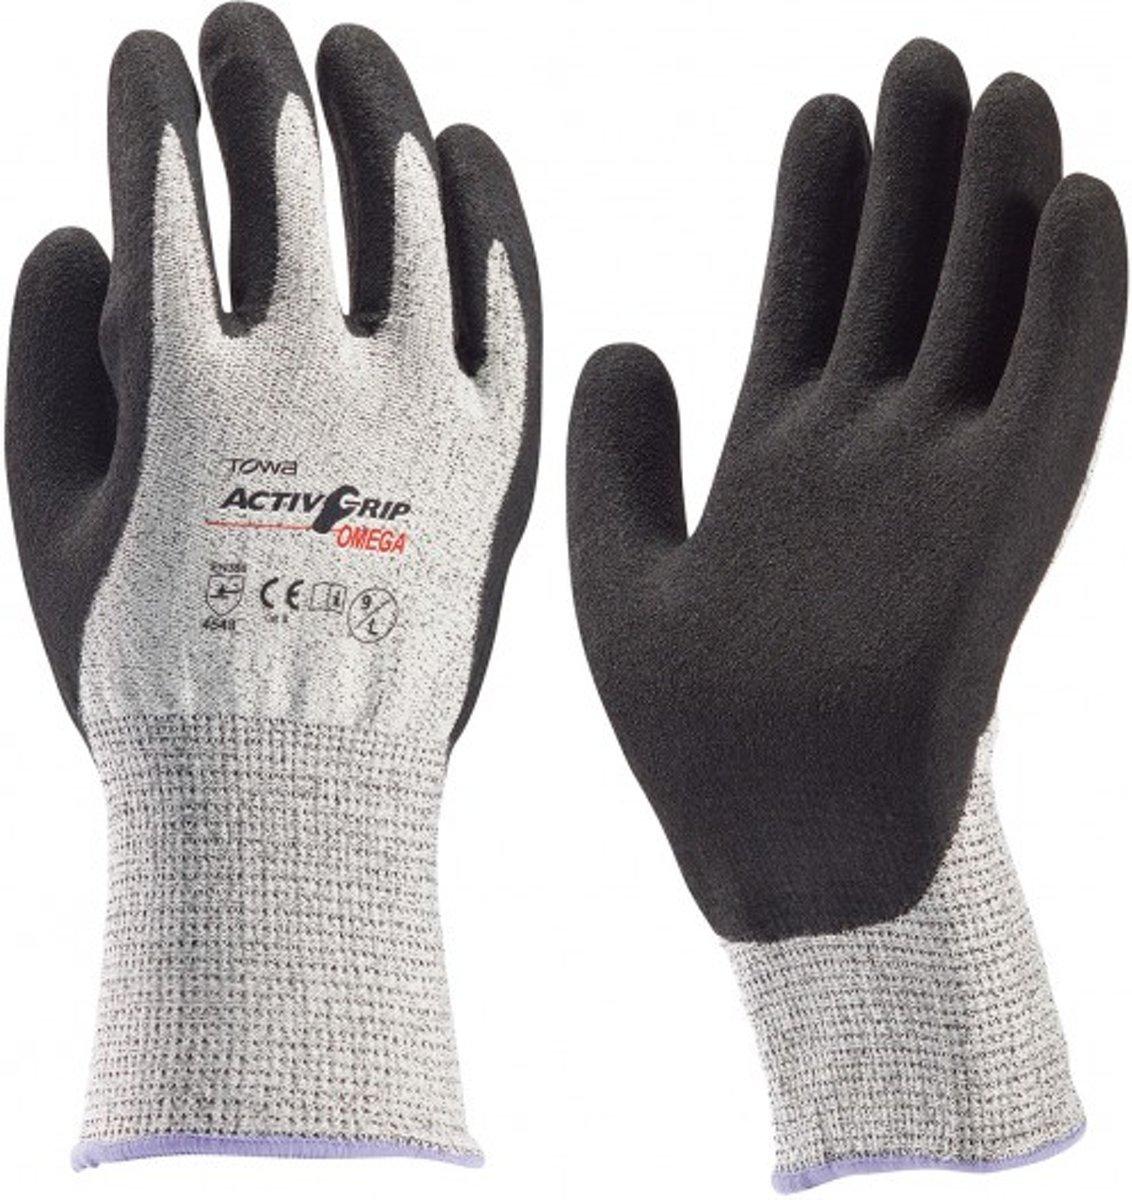 ActivGrip Omega Werkhandschoen Towa - Maat XXL - Nitril Handschoenen - Snijbestendige Handschoenen kopen